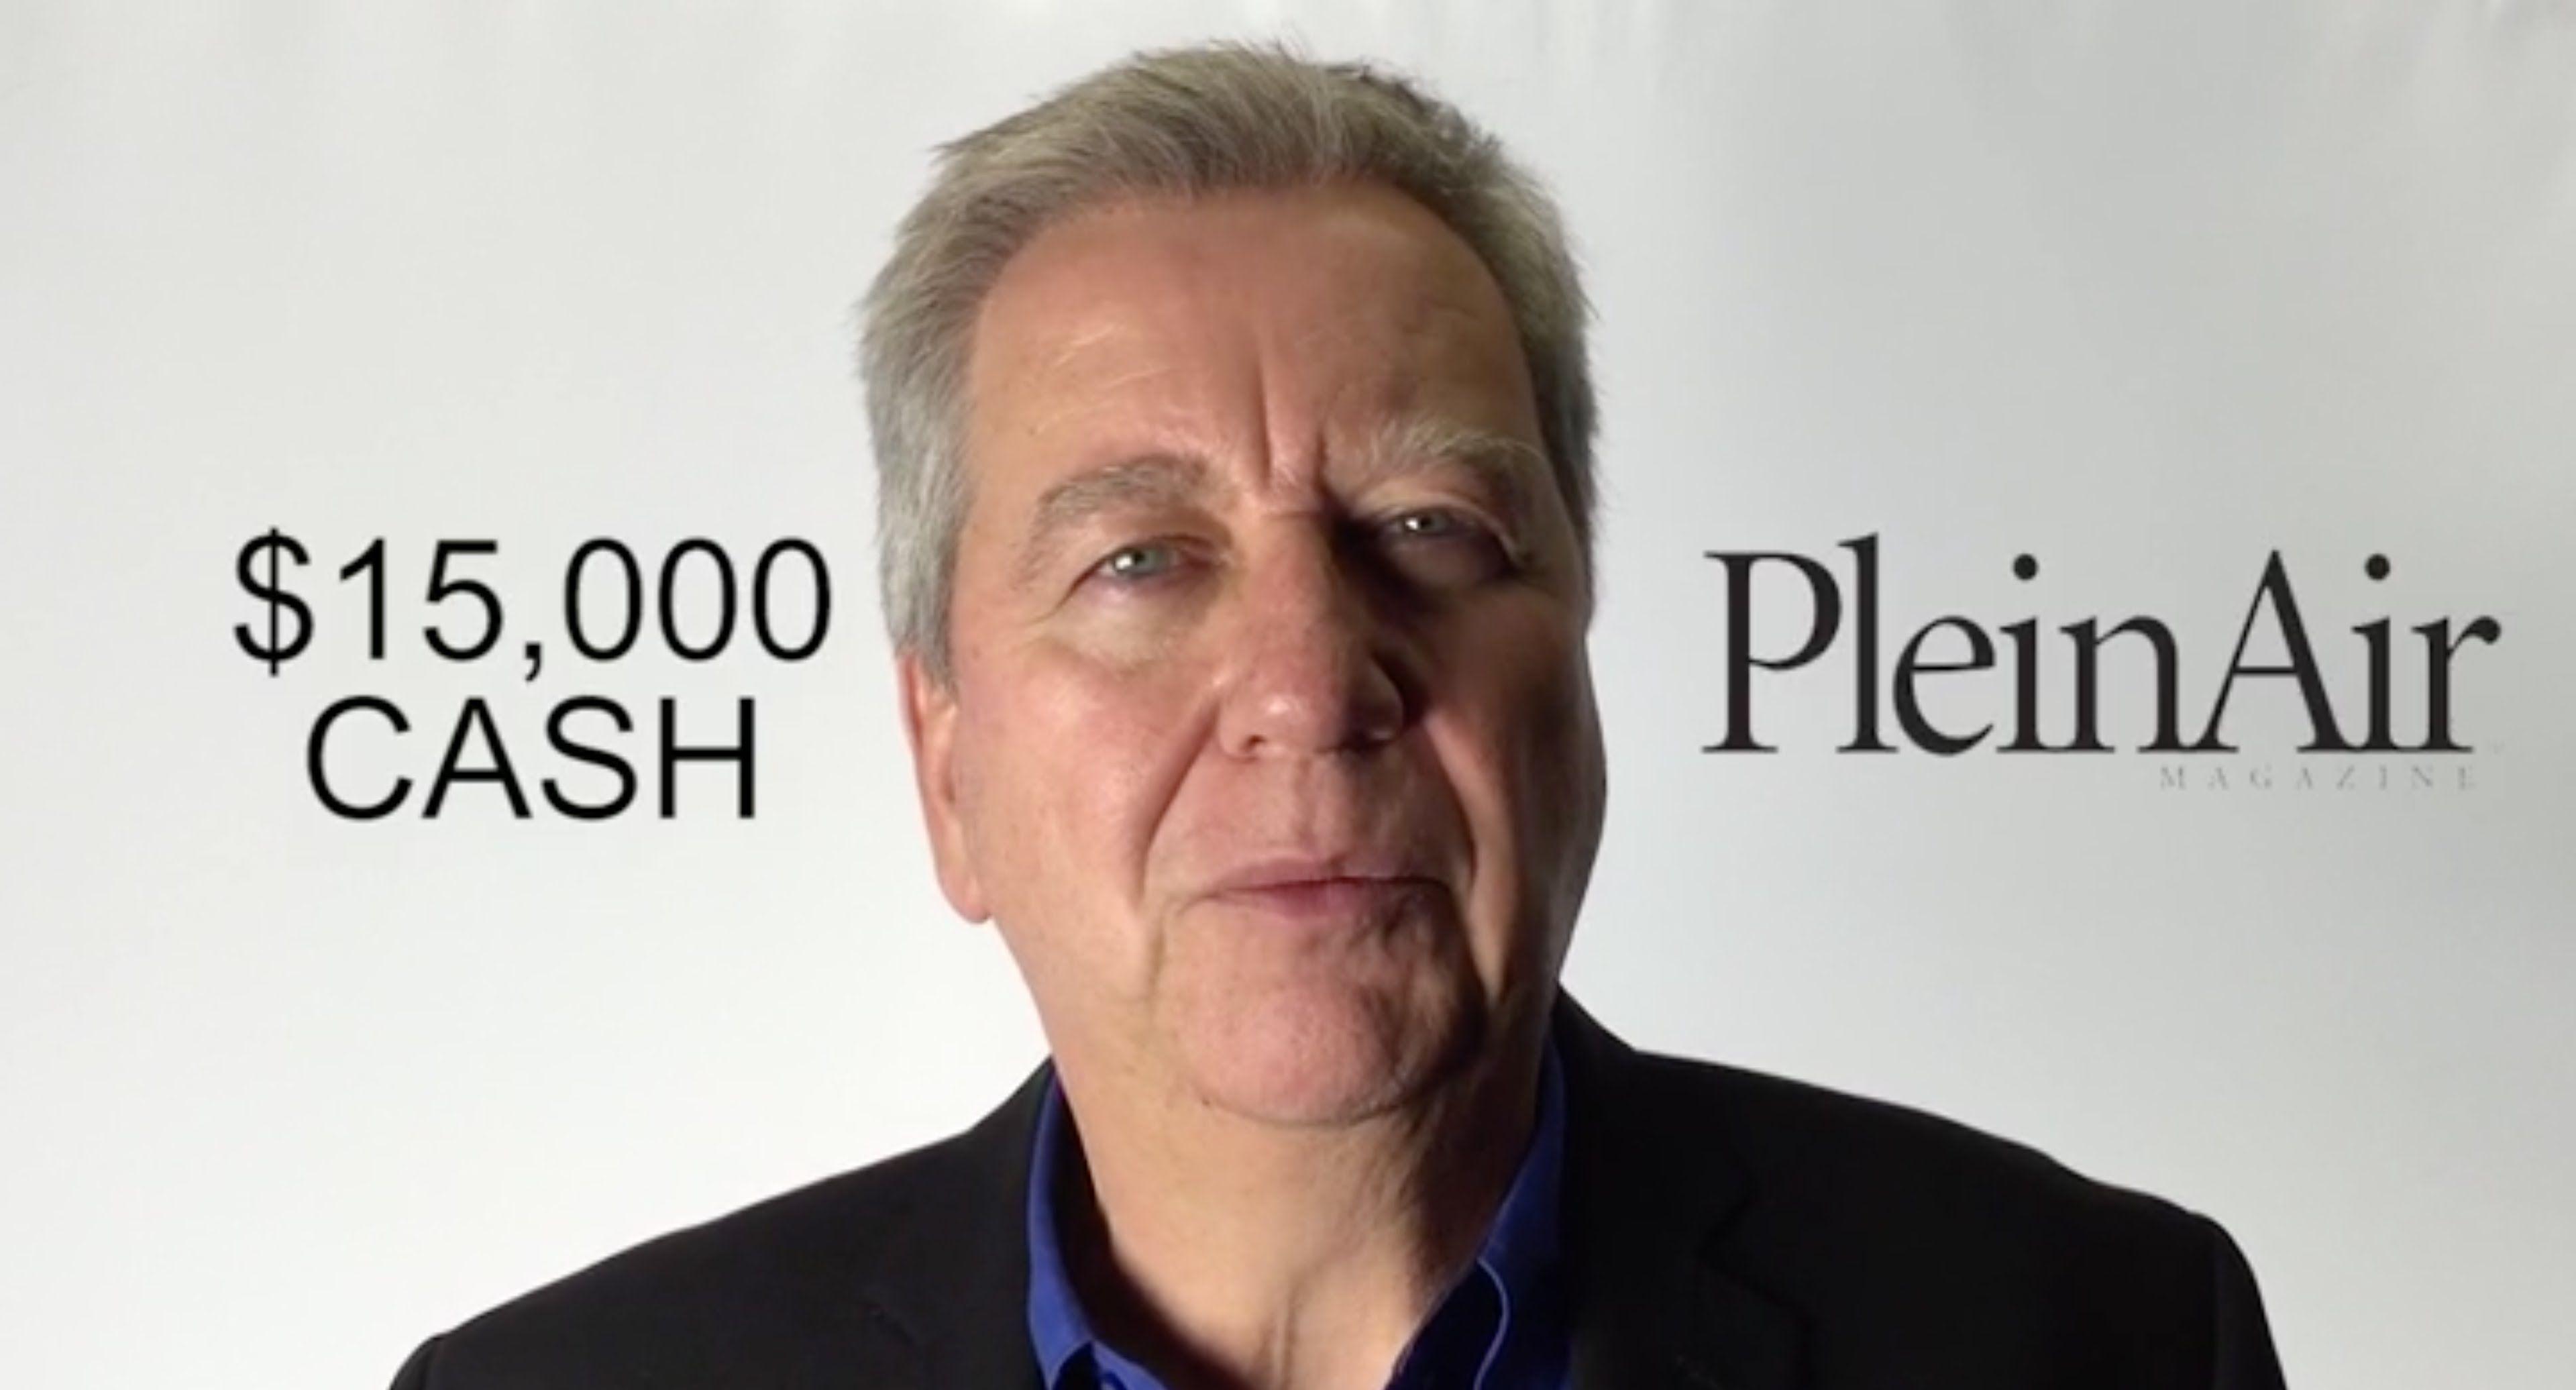 Plein Air Salon 15,000 CASH + the Cover of PleinAir